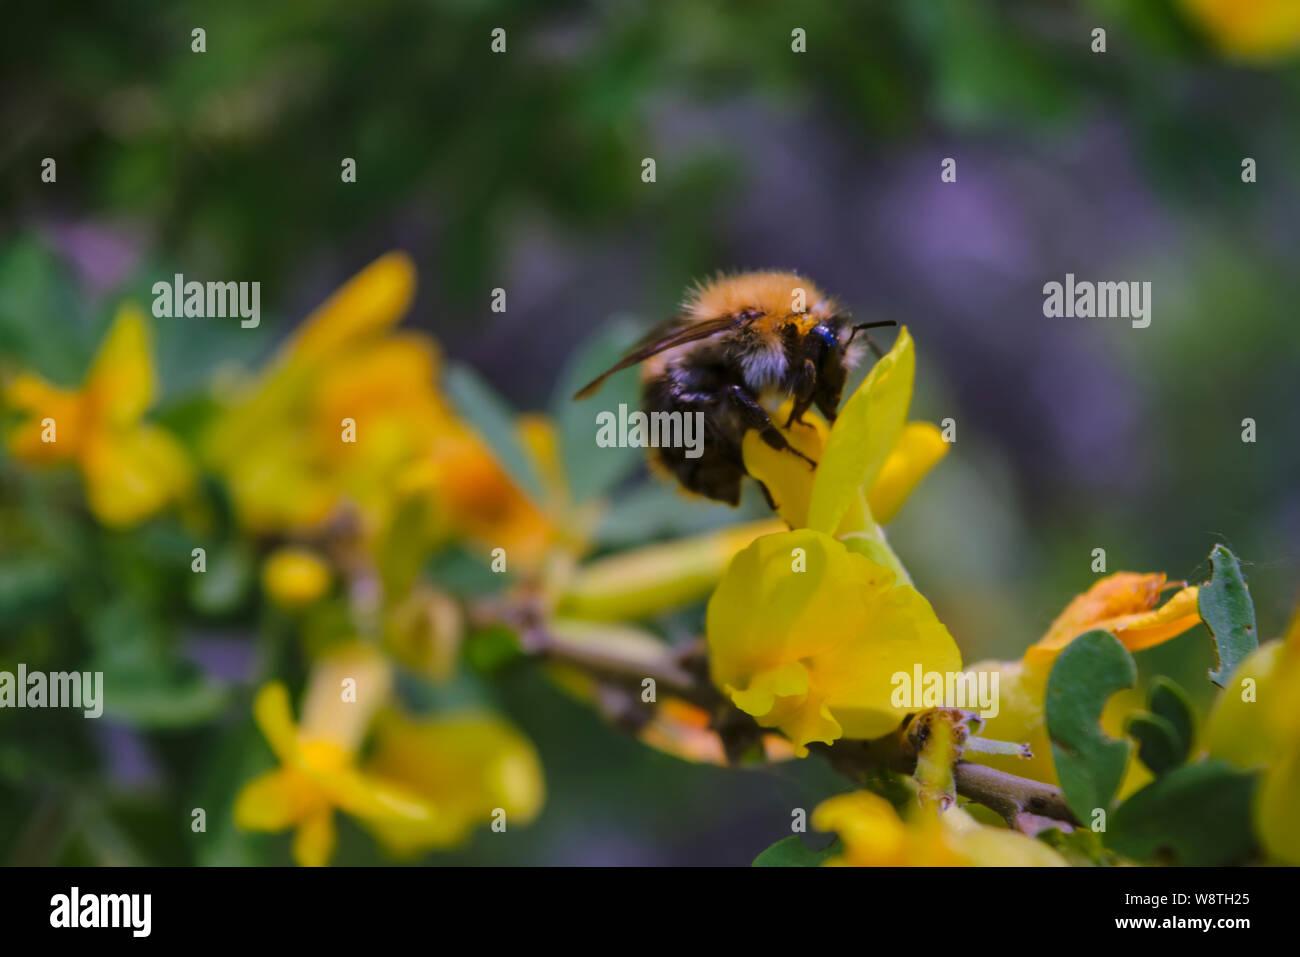 Une grande shaggy bumblebee recueille le nectar des fleurs jaune vif. Banque D'Images